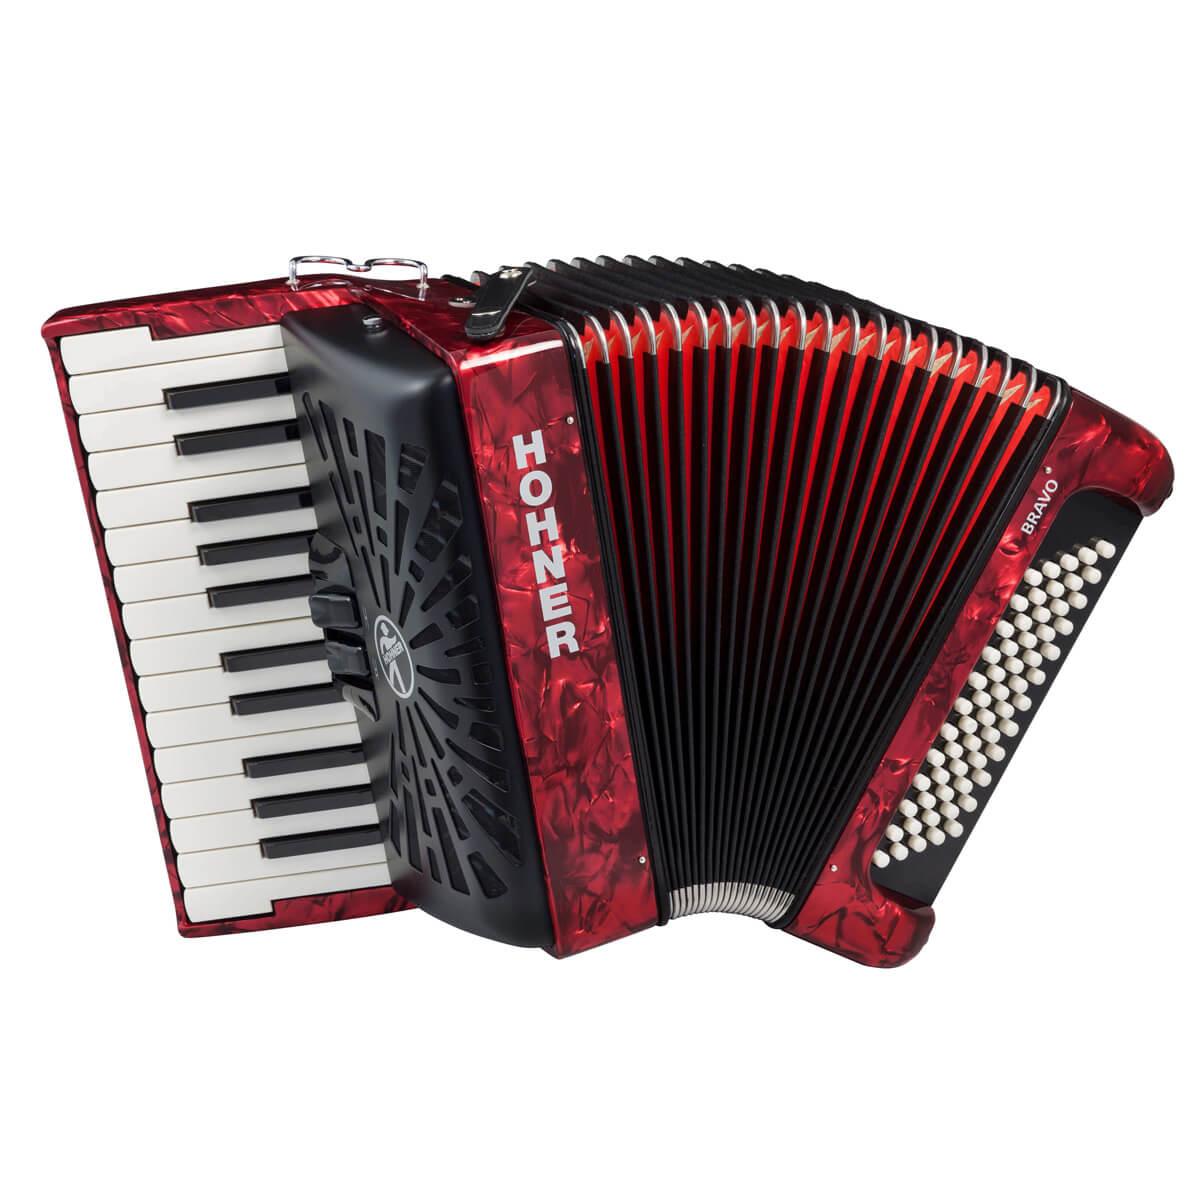 Hohner Bravo II 60 piano-harmonika rød